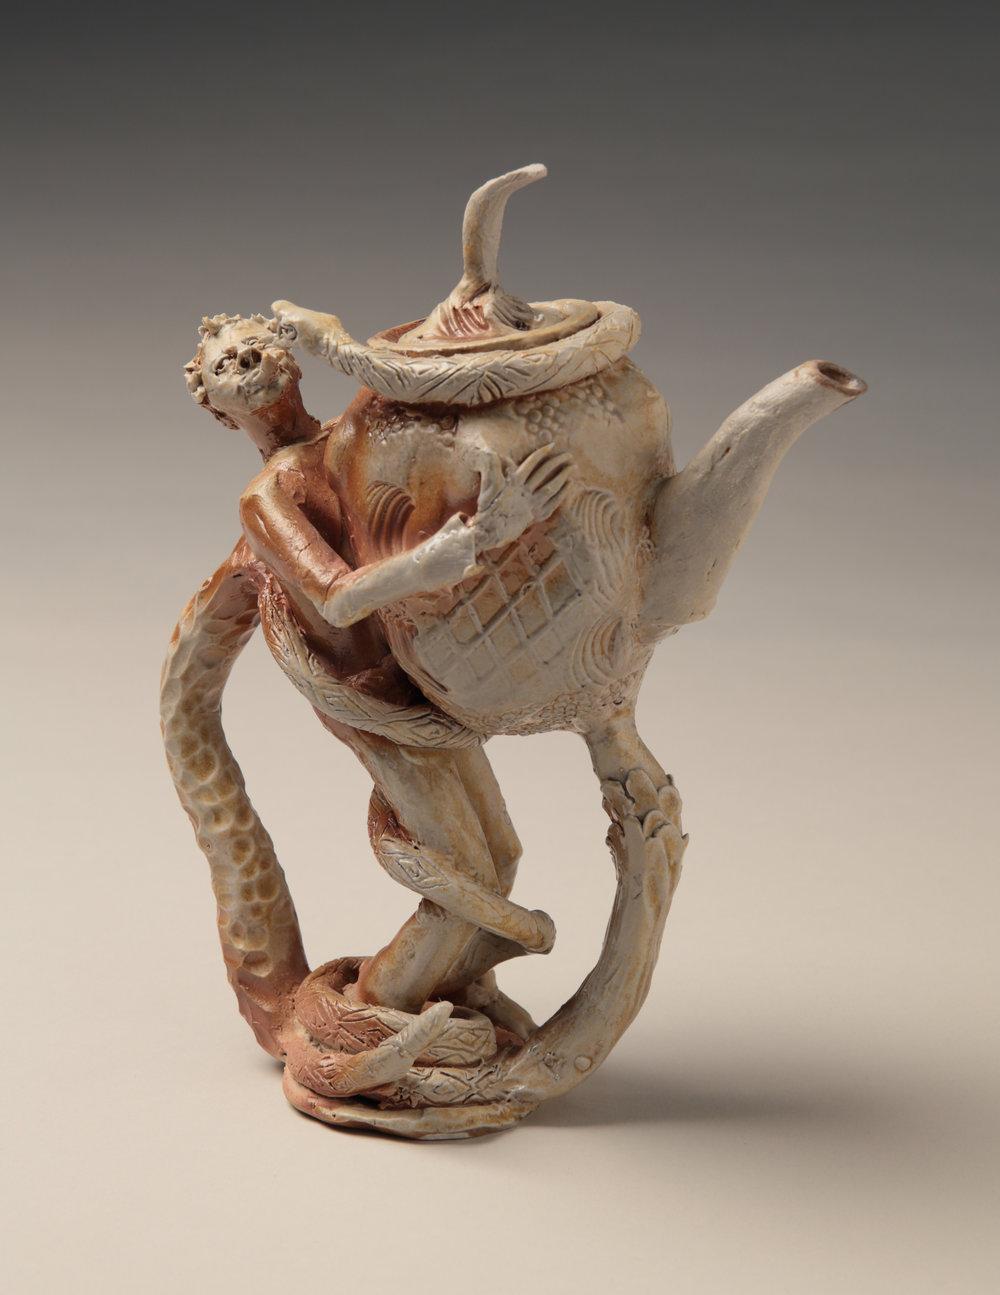 Man Snake Teapot, 2013